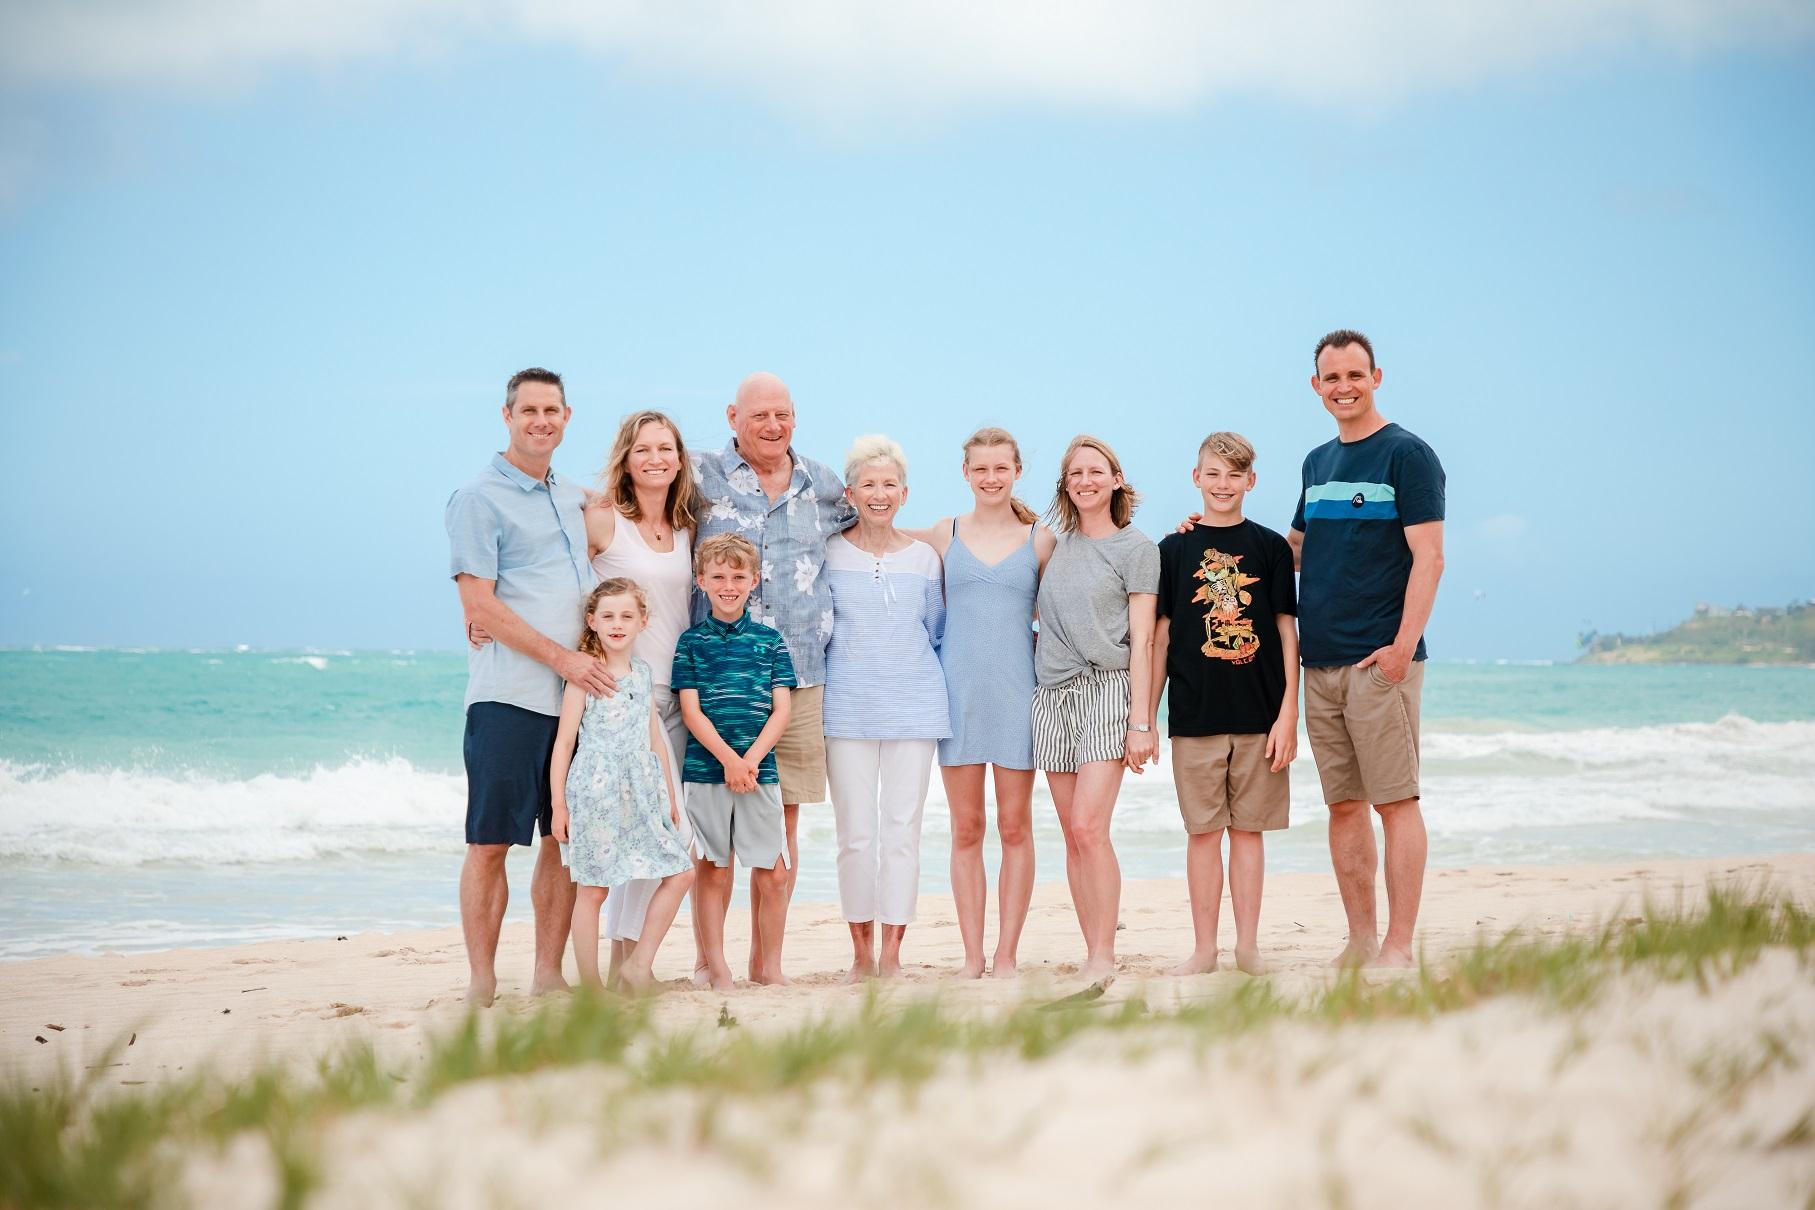 family beach portrait kailua oahu hawaii sand ocean photographer